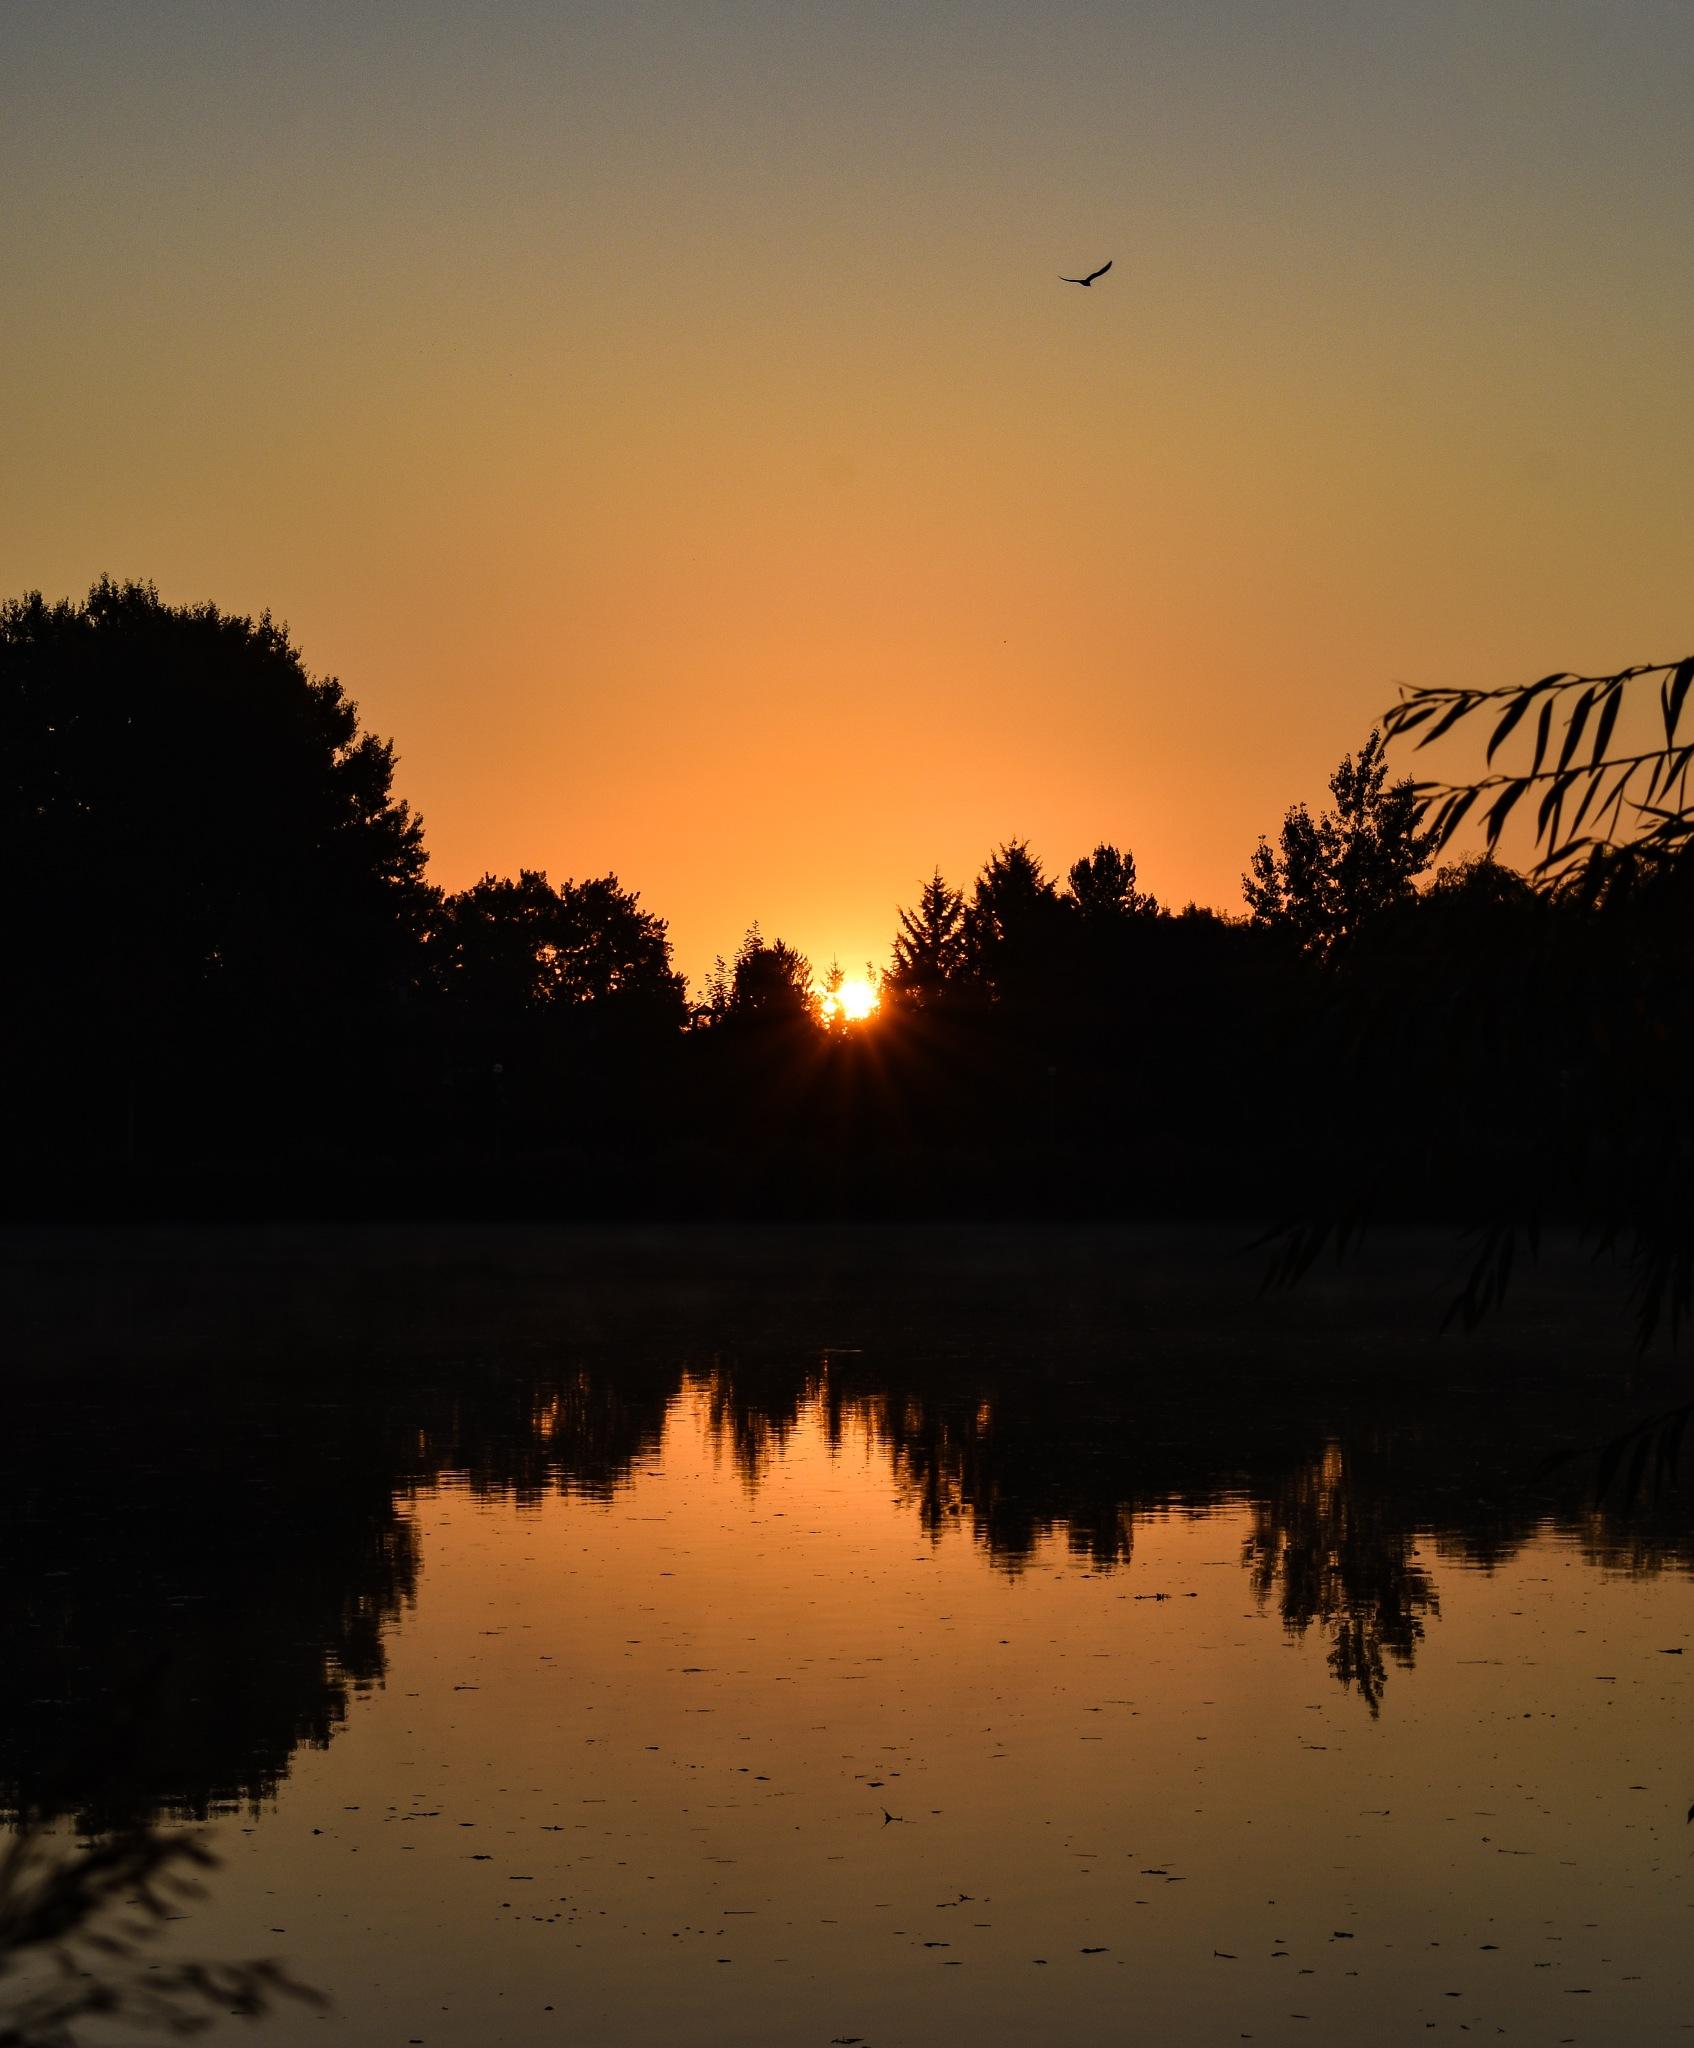 sunrise with a seagull by István Palánki